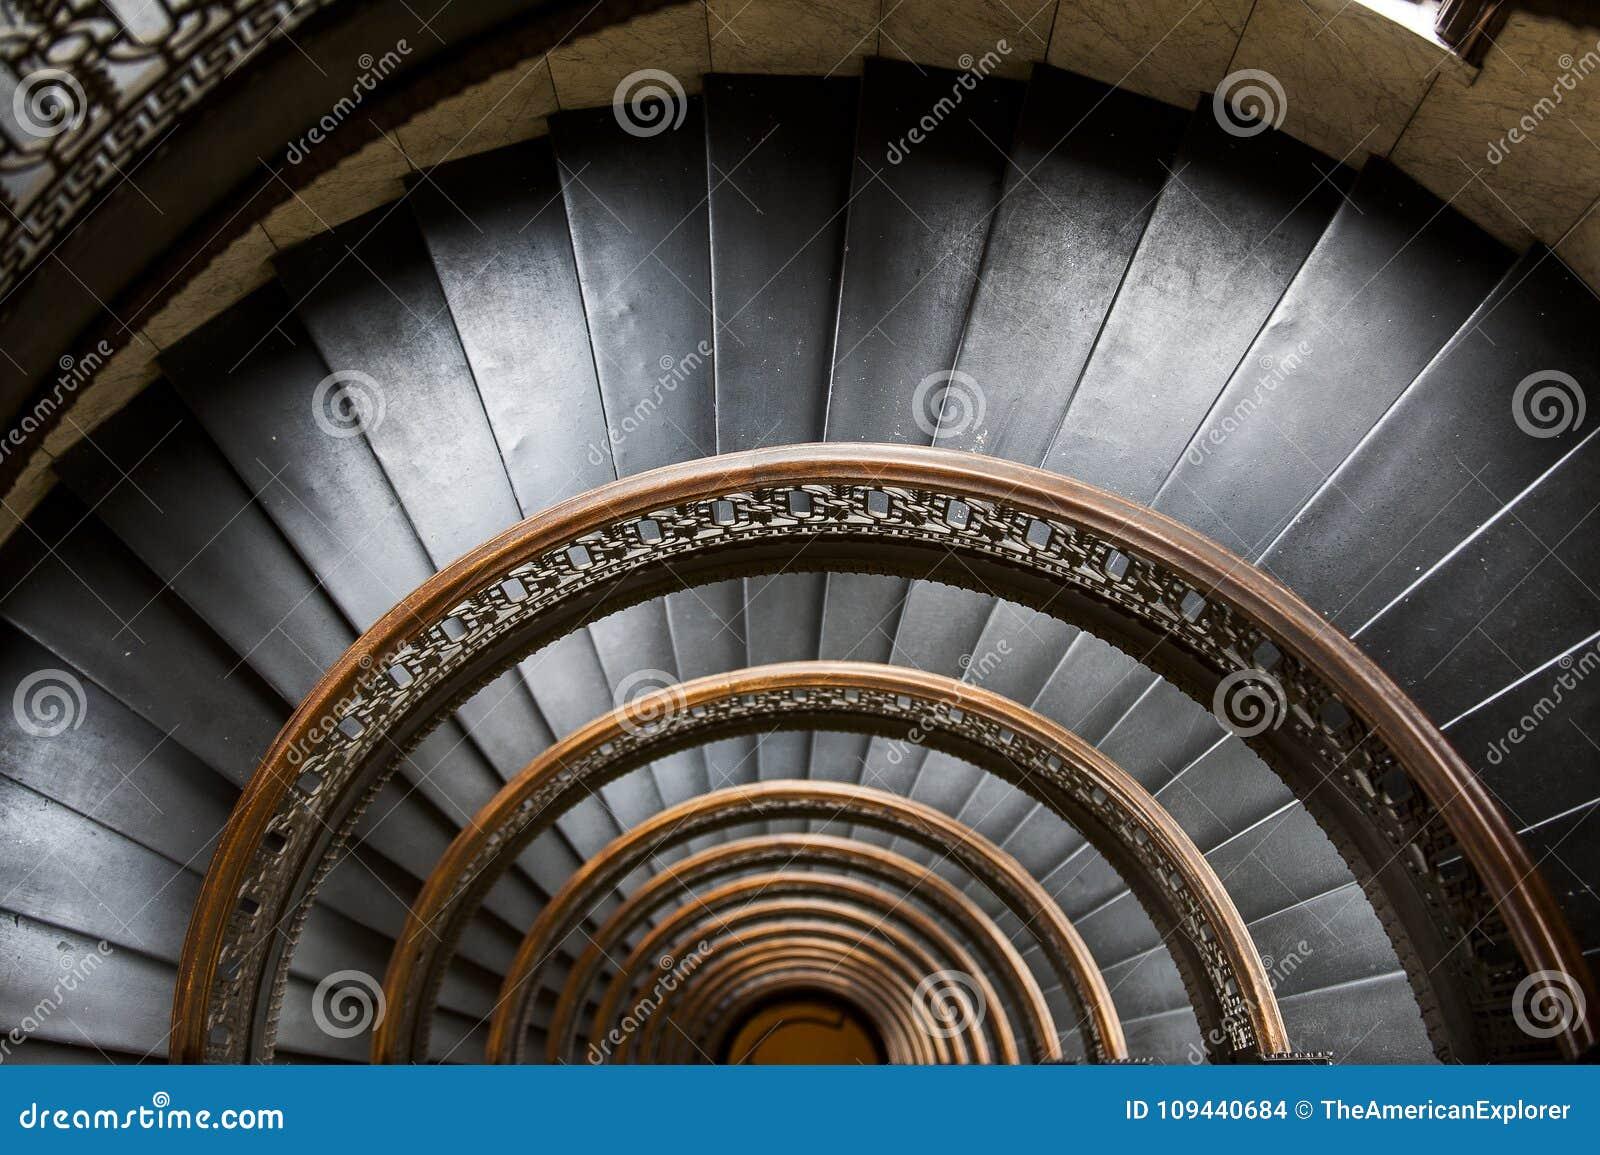 Edificio de Arrott - escalera de mármol espiral a medias circular - Pittsburgh céntrica, Pennsylvania